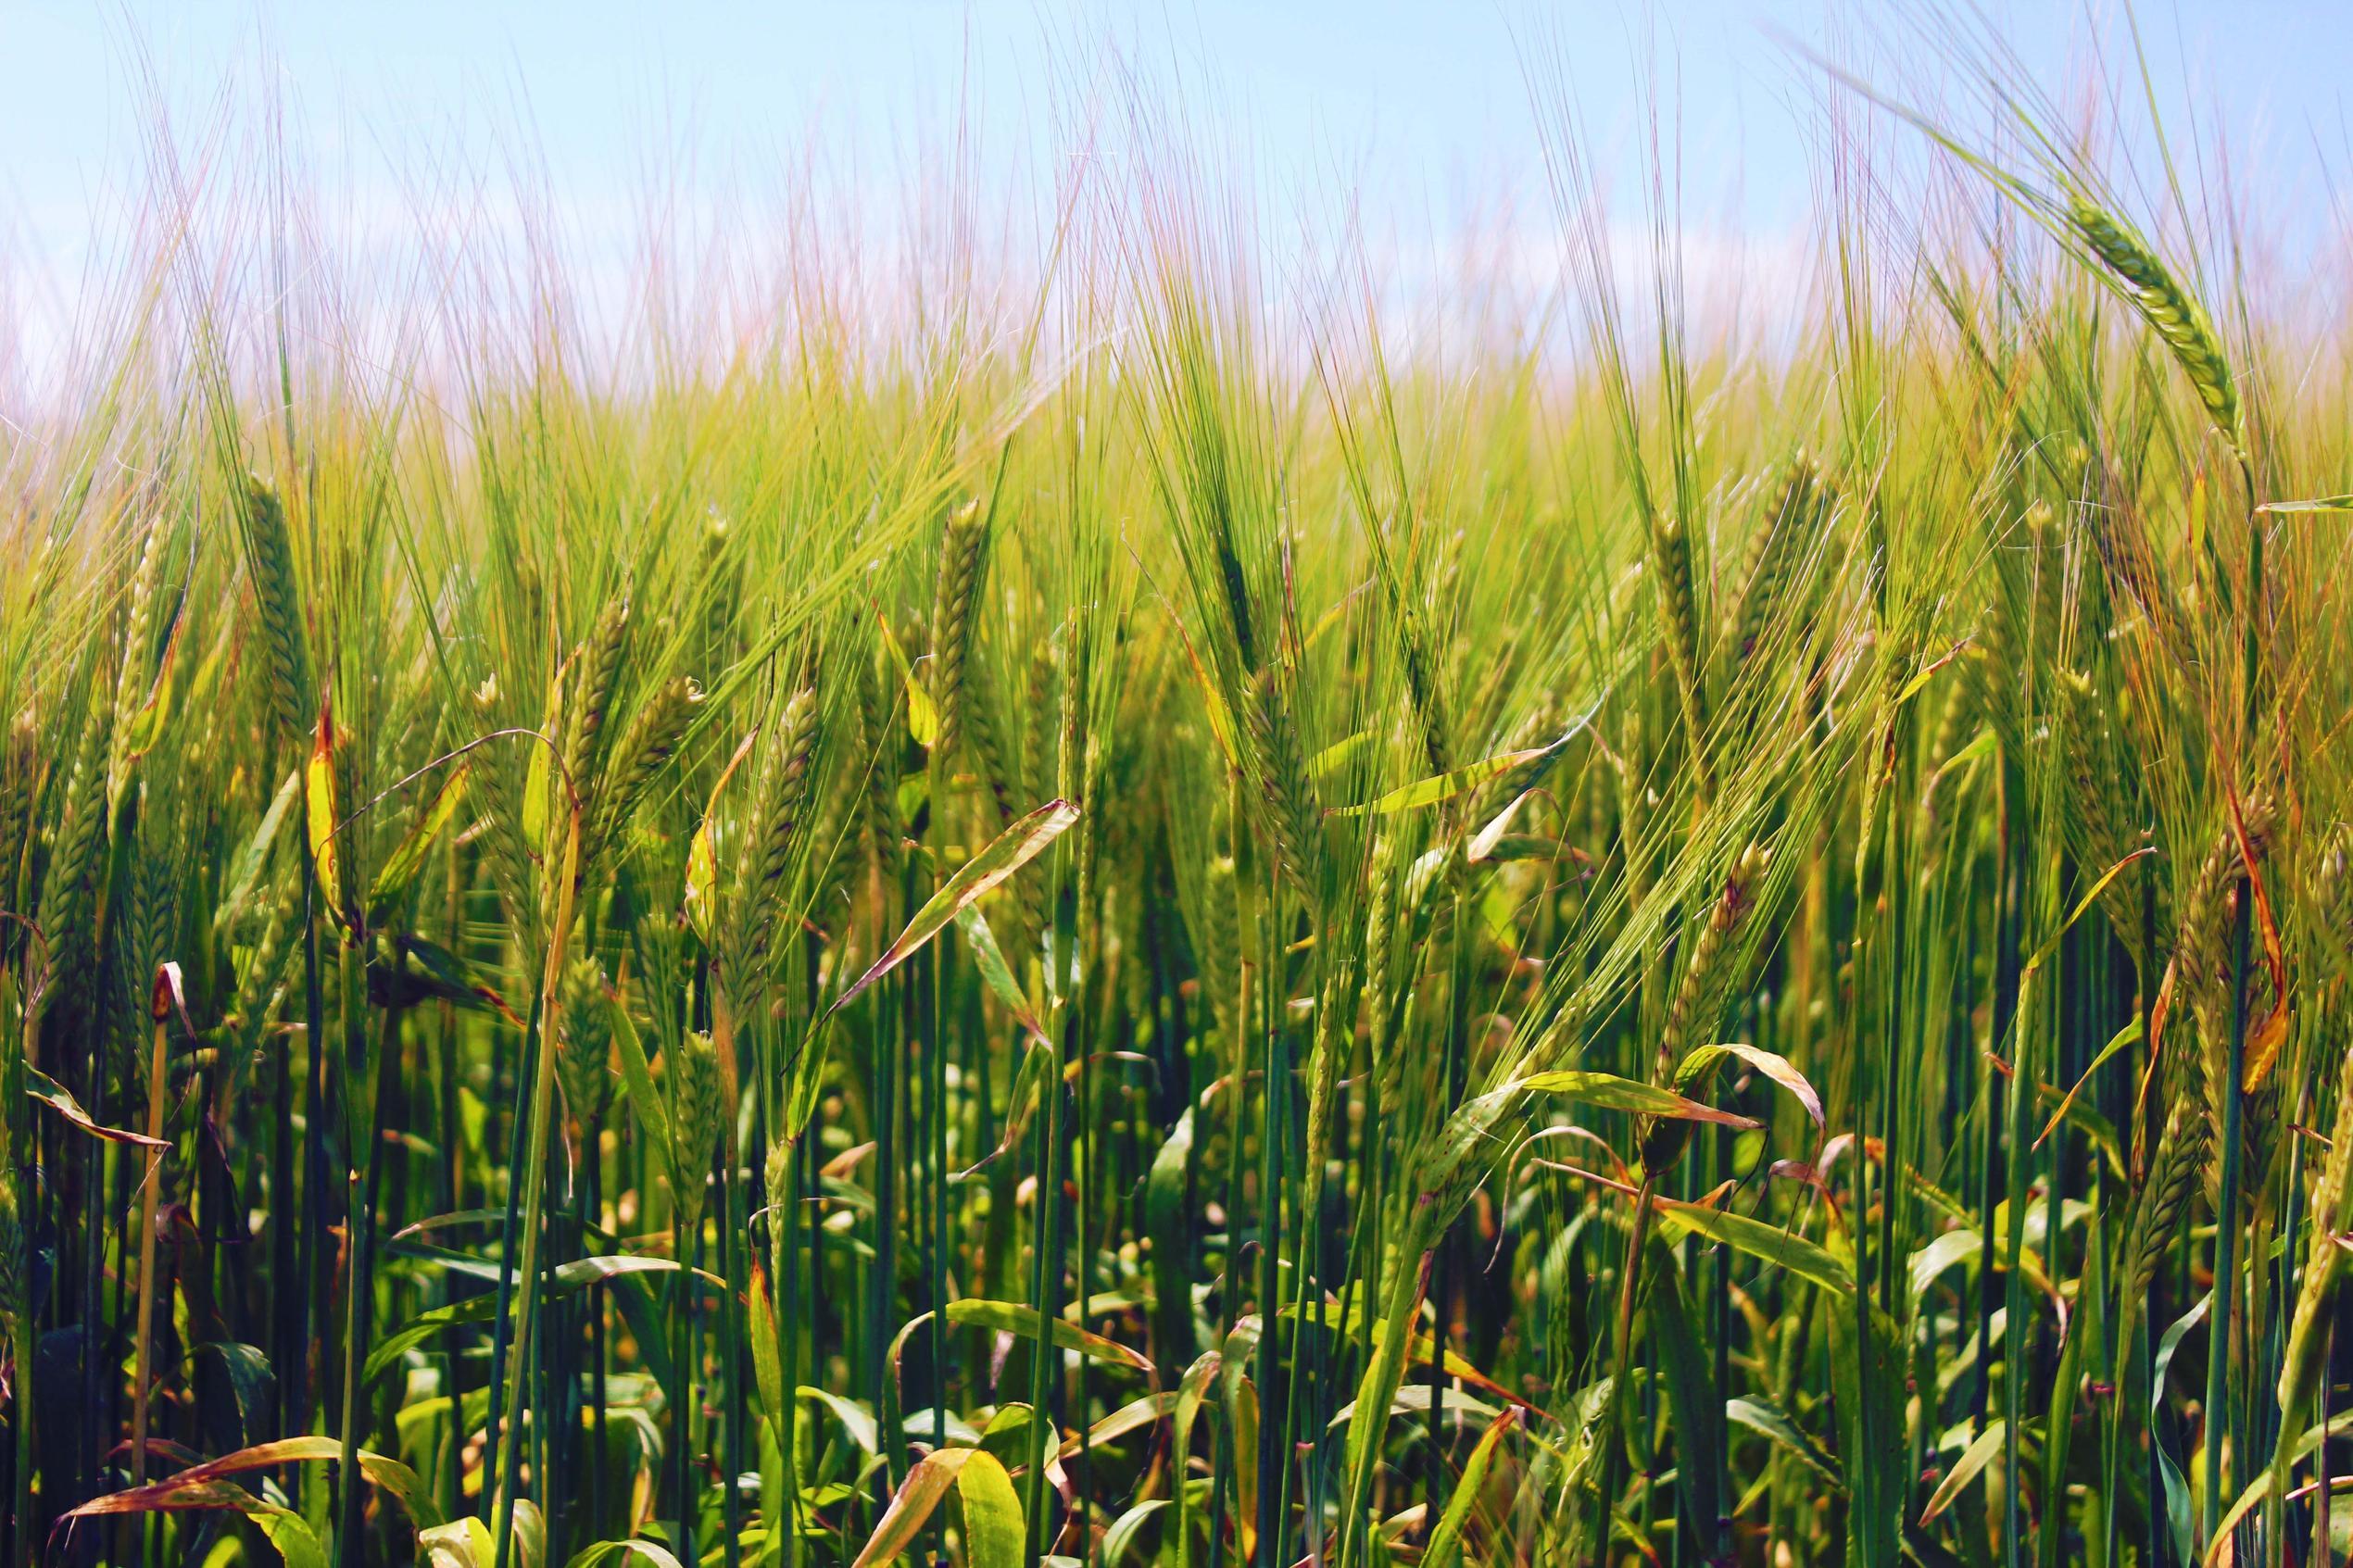 barley wallpaper nature